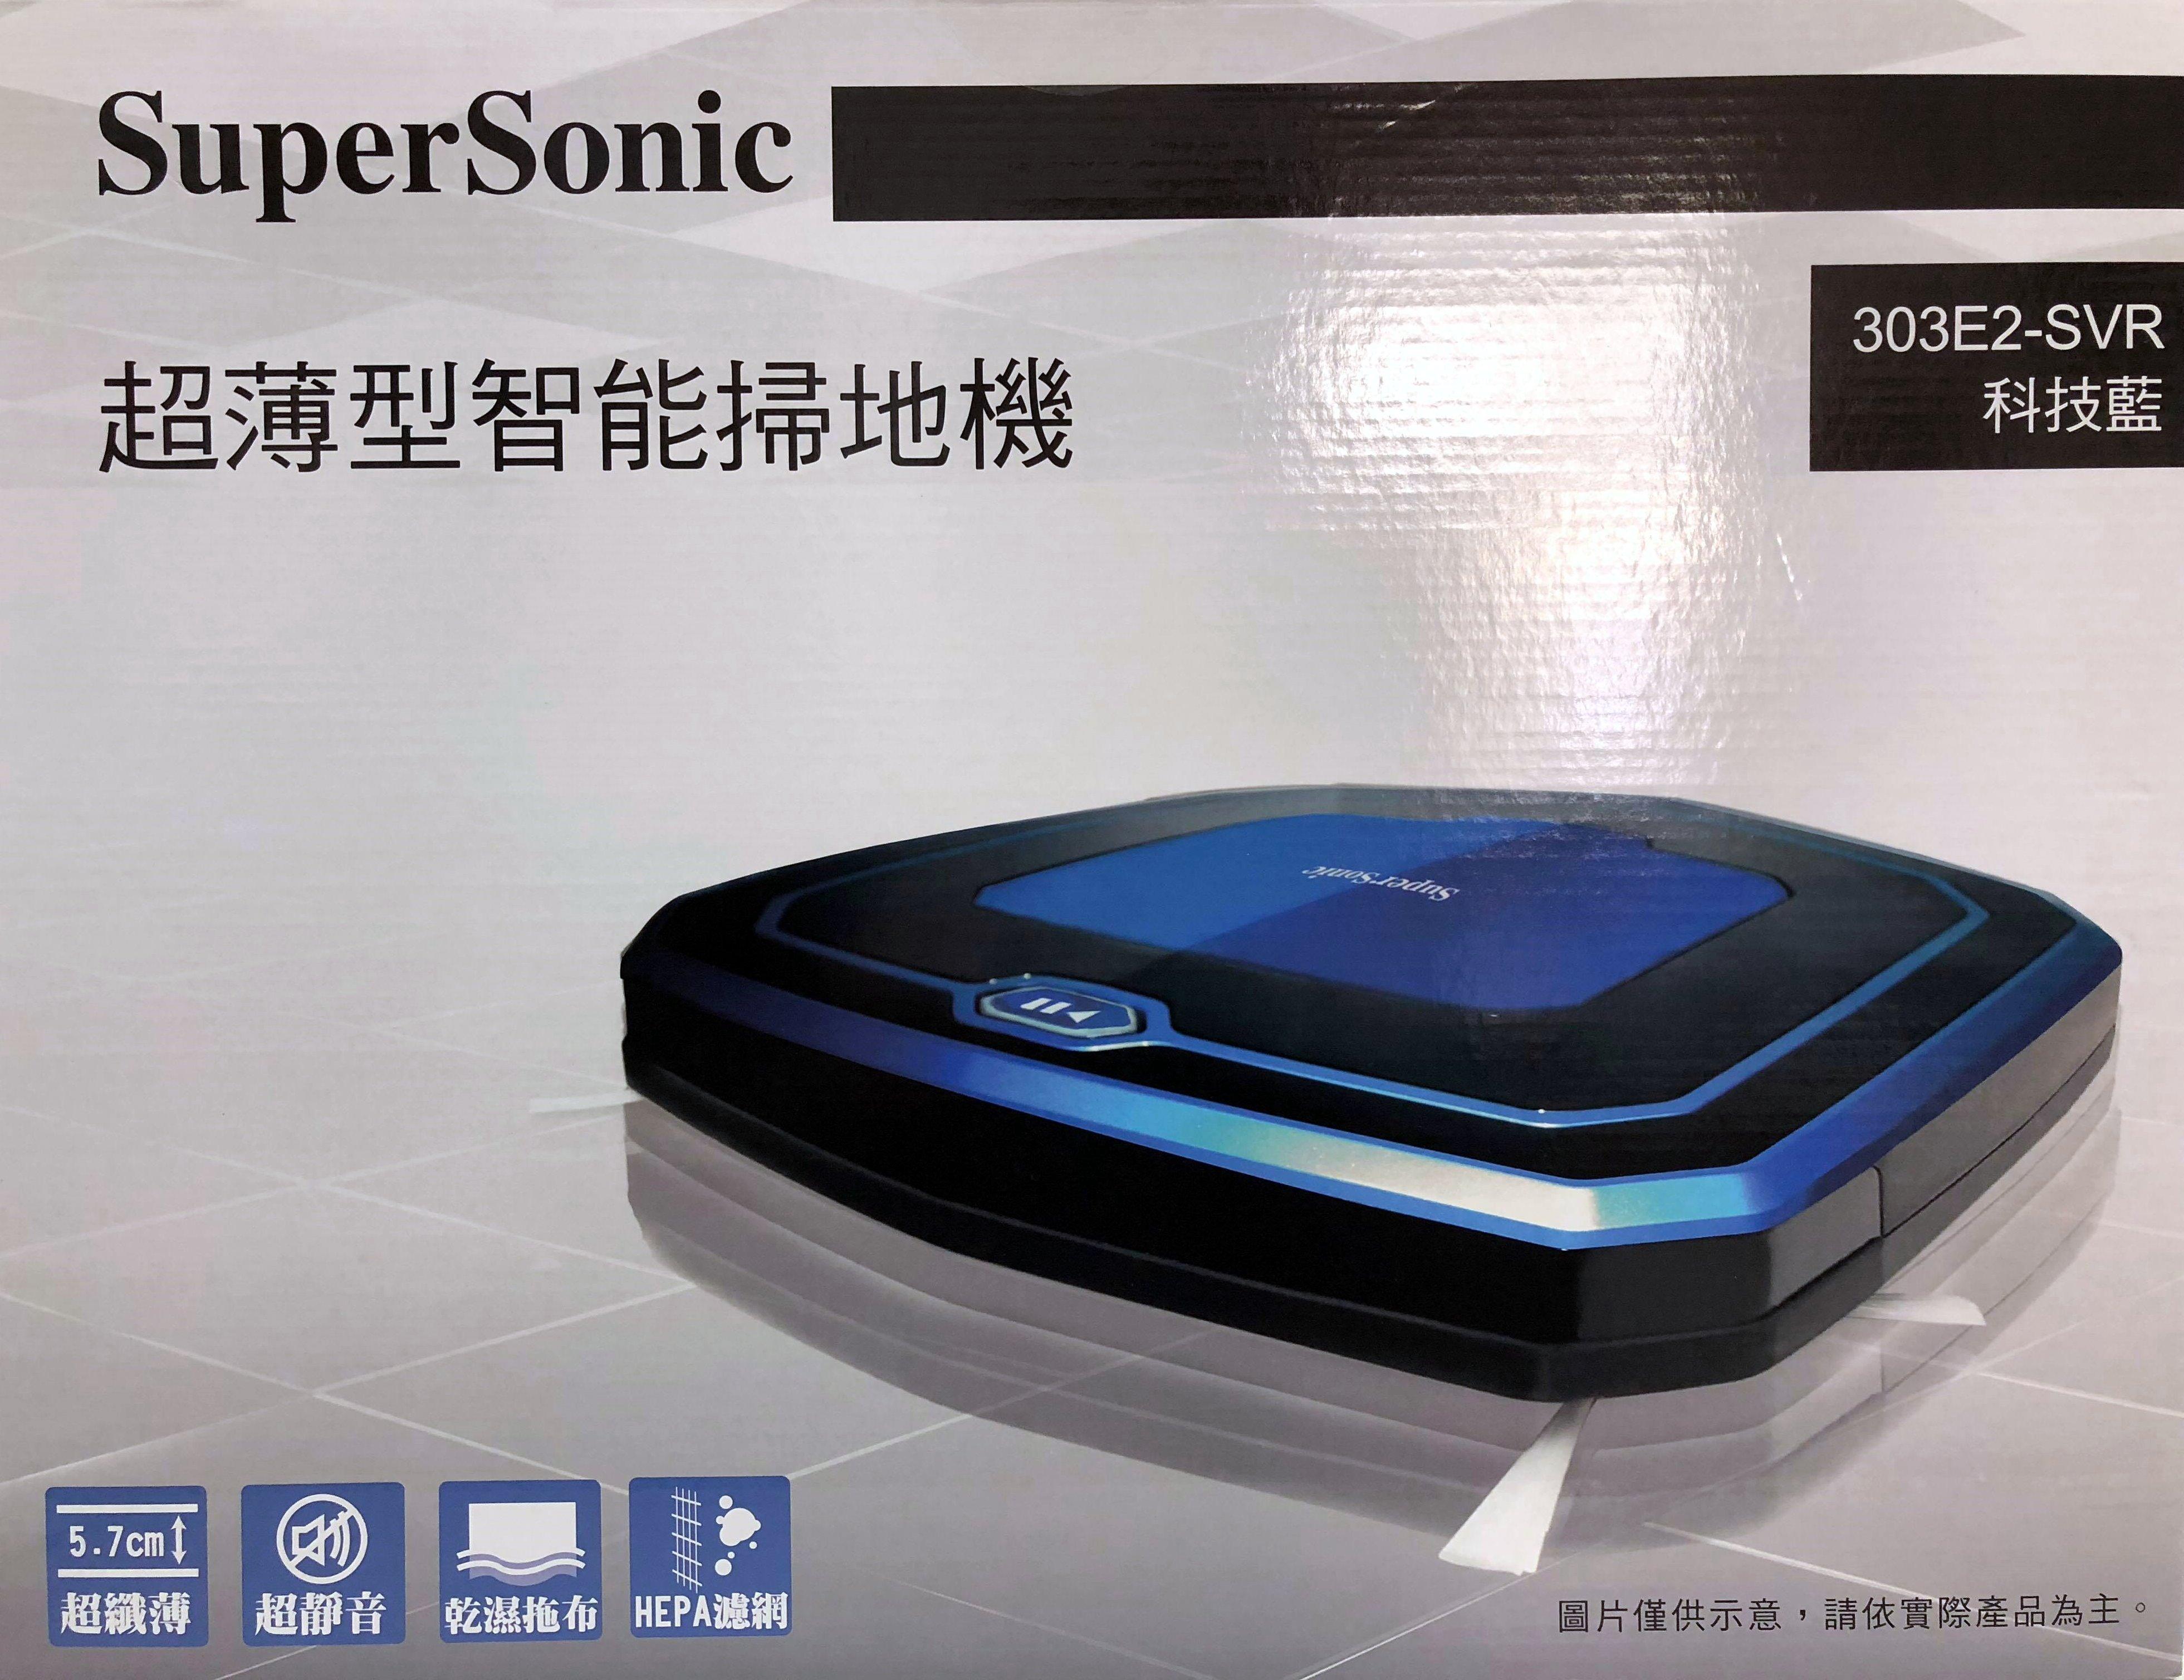 [滿萬可享12期零利率]禾聯 SuperSonic 超薄型智能掃地機 303E2-SVR-科技藍[分期零利率]